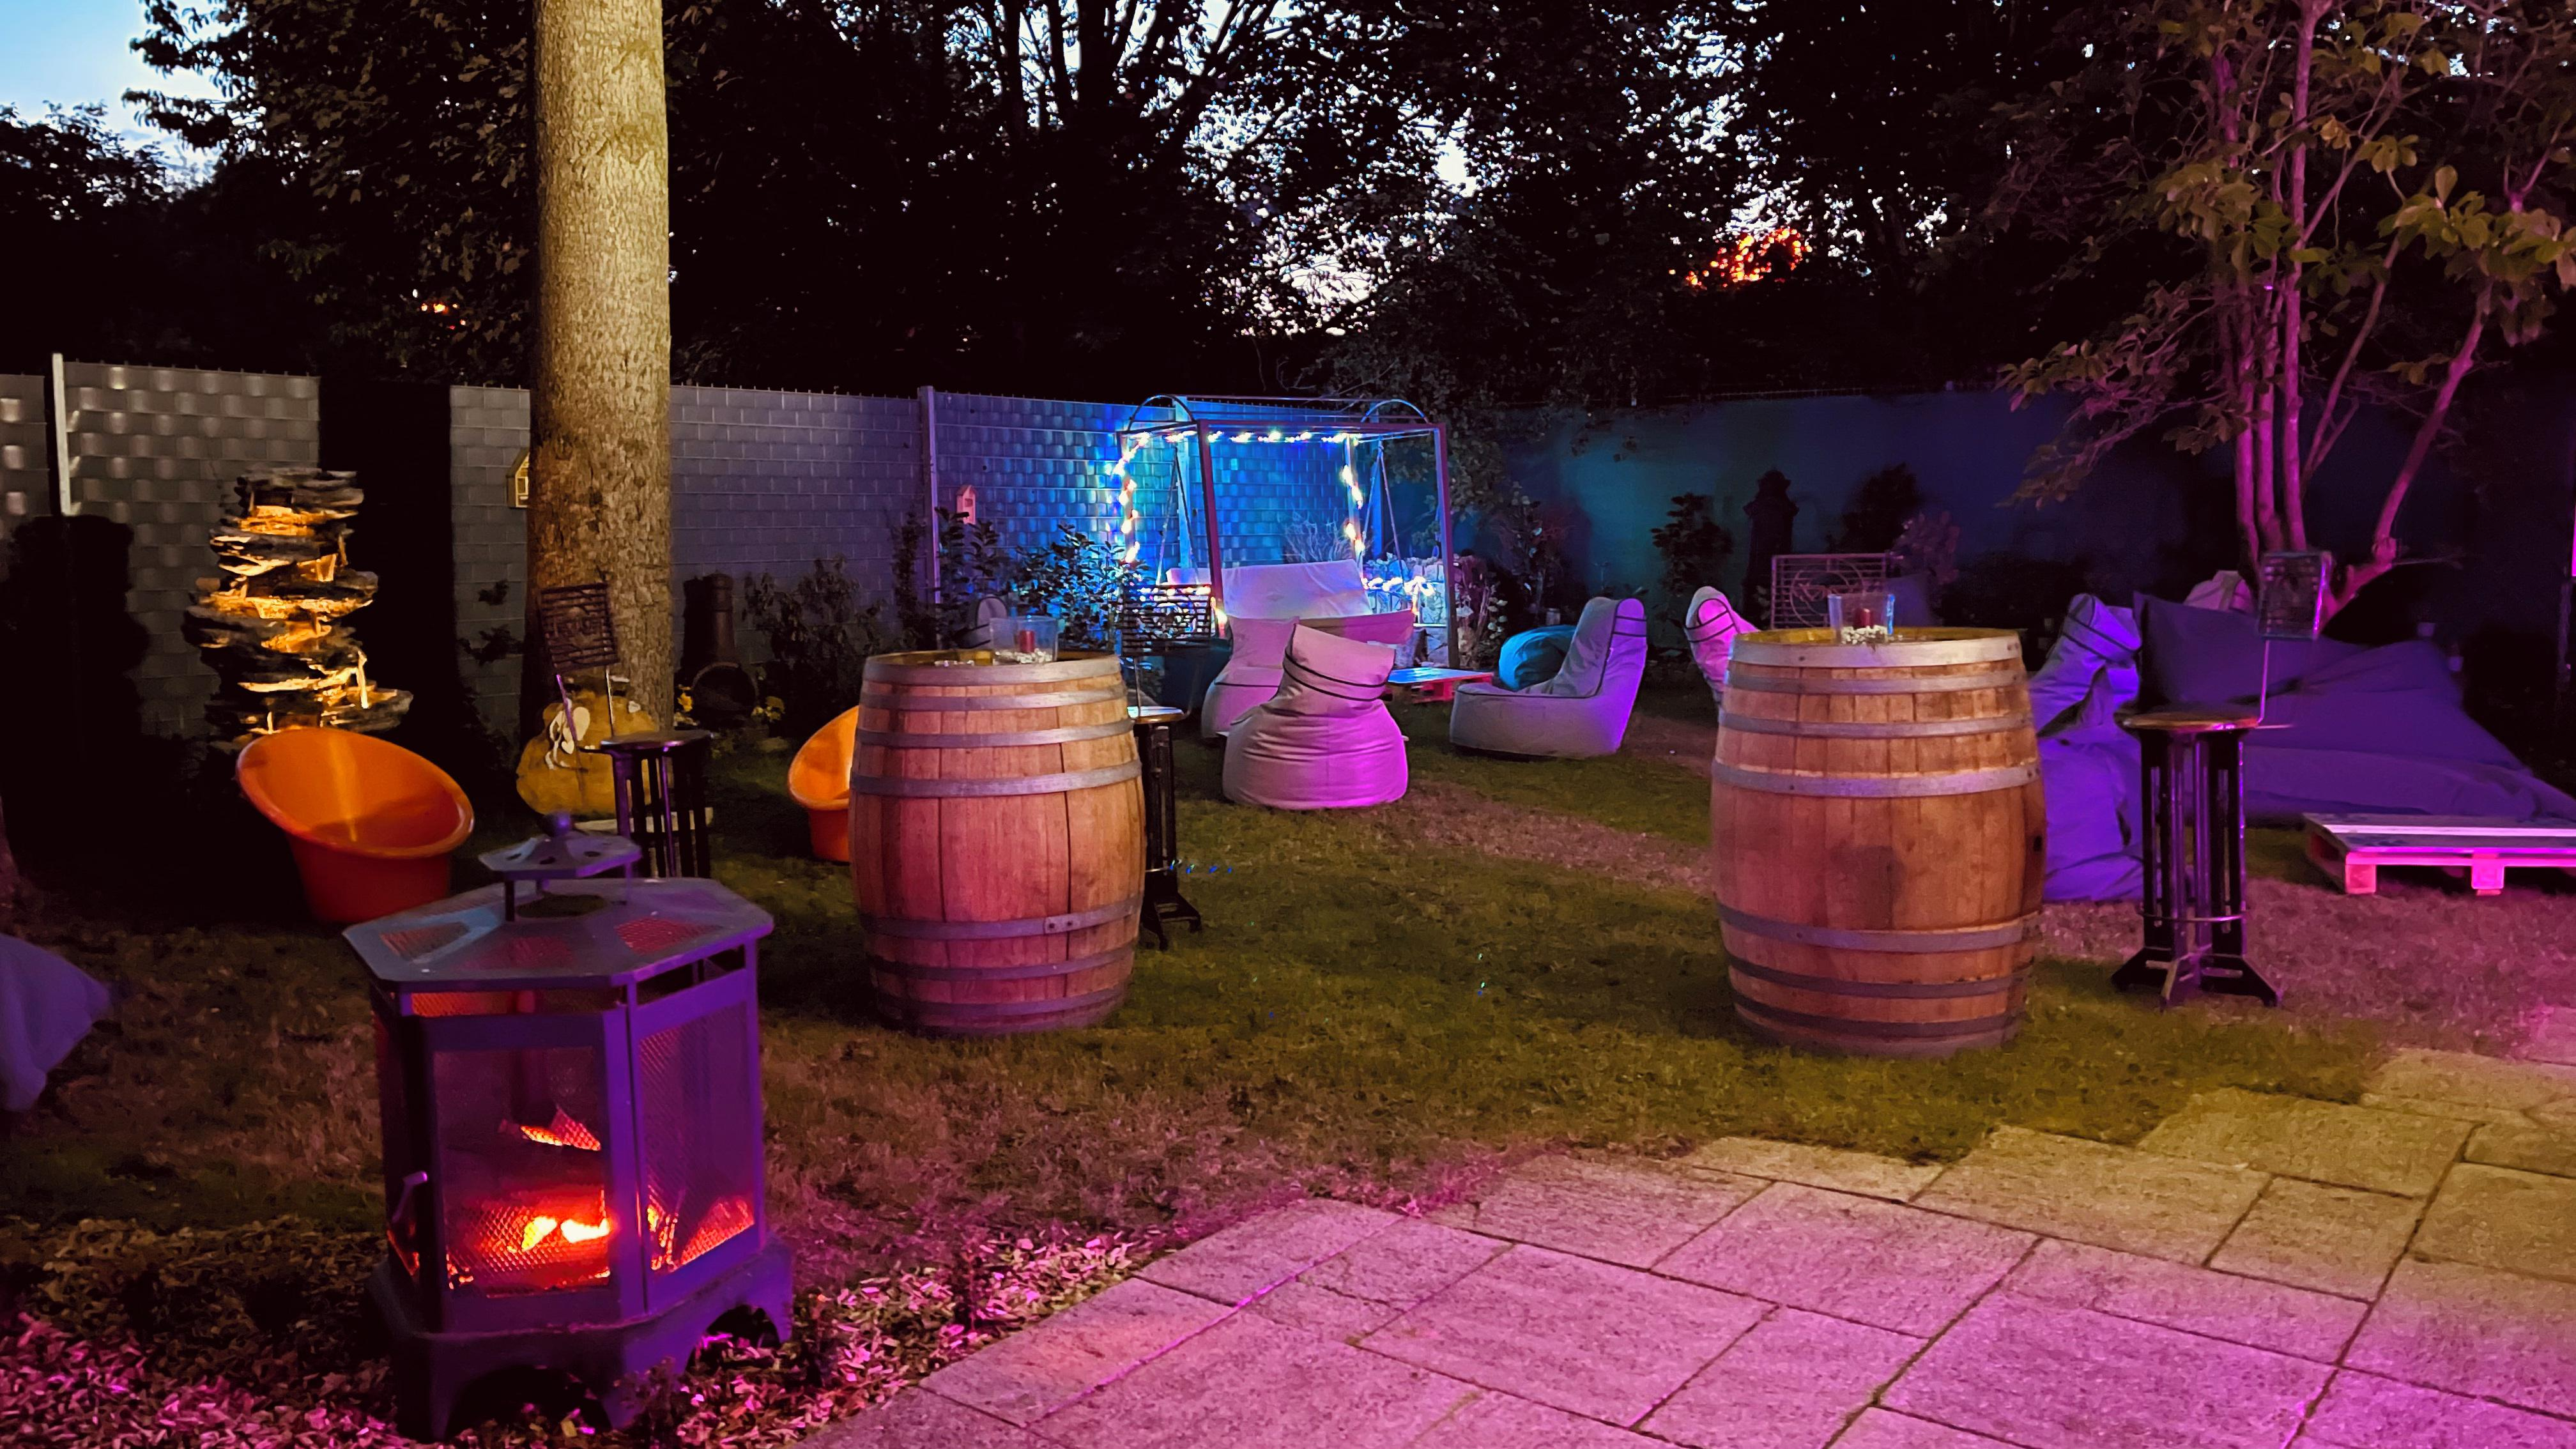 Wiesbaden Präsentation Veranstaltungsraum  image 10